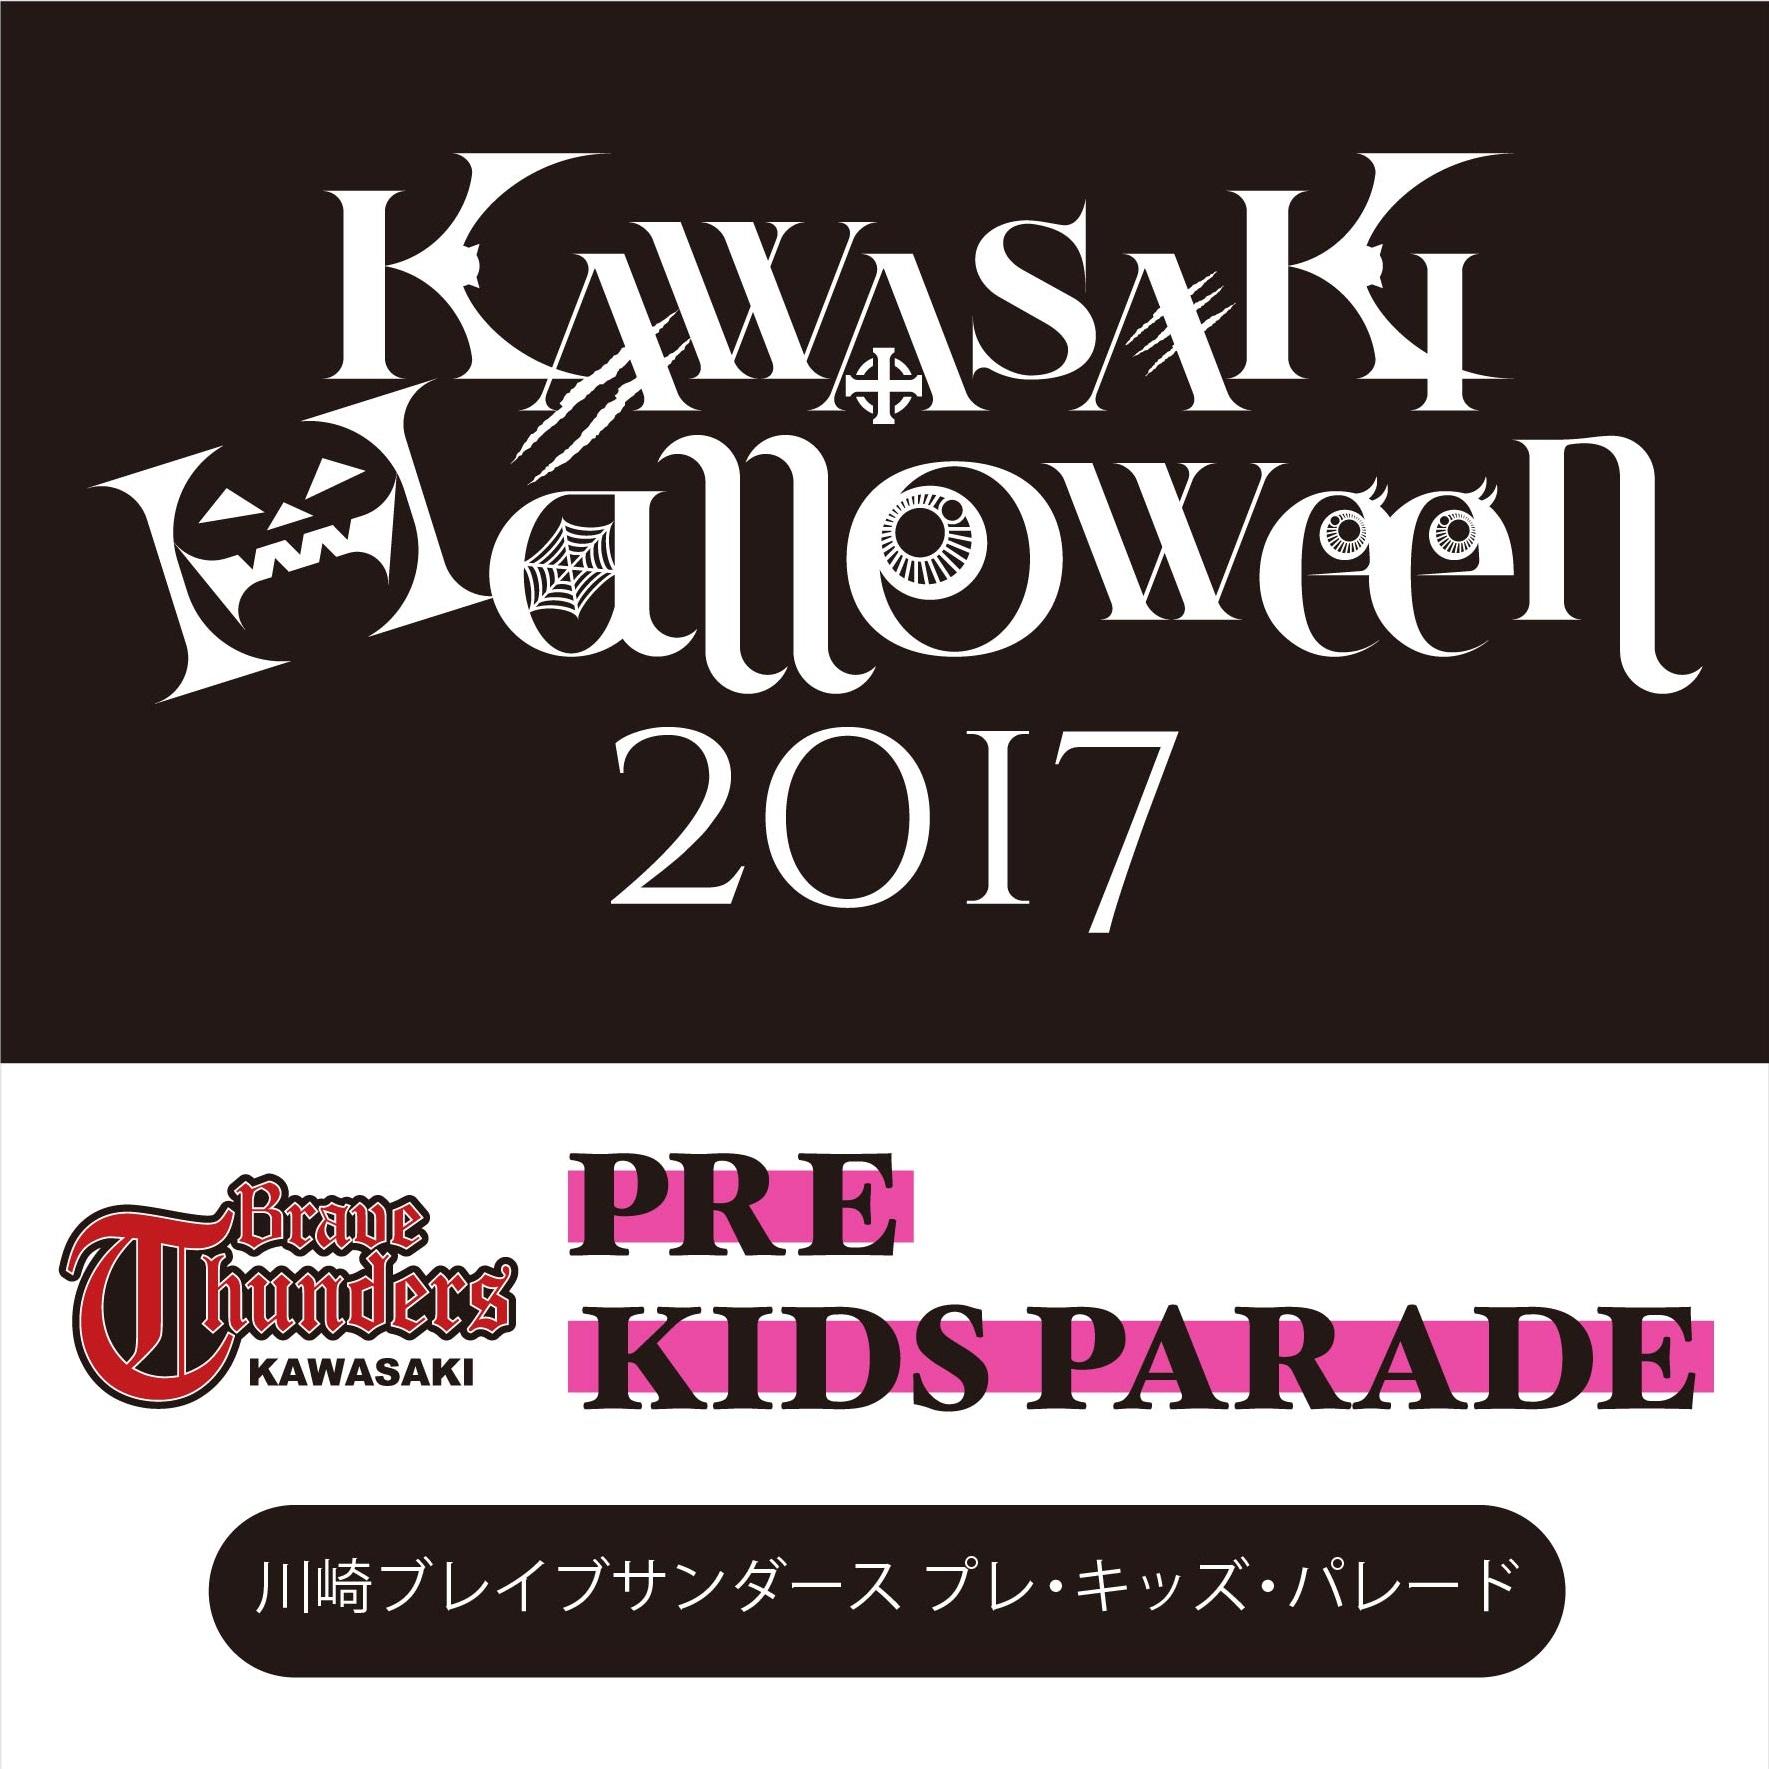 川崎ブレイブサンダース ホームゲーム「プレ・キッズ・パレード」